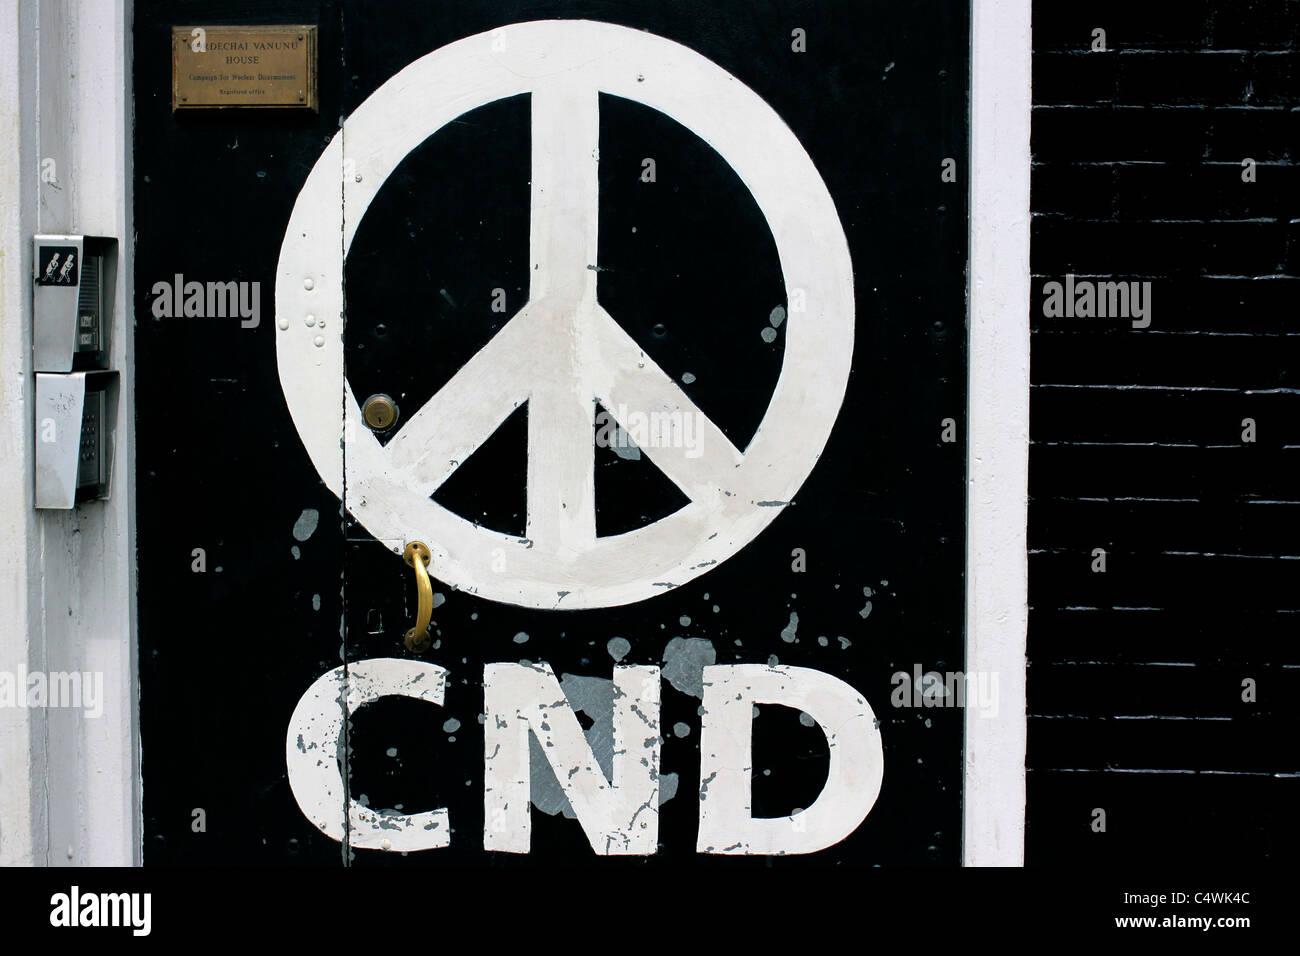 La oficina nacional de la CND en Holloway, Londres Imagen De Stock